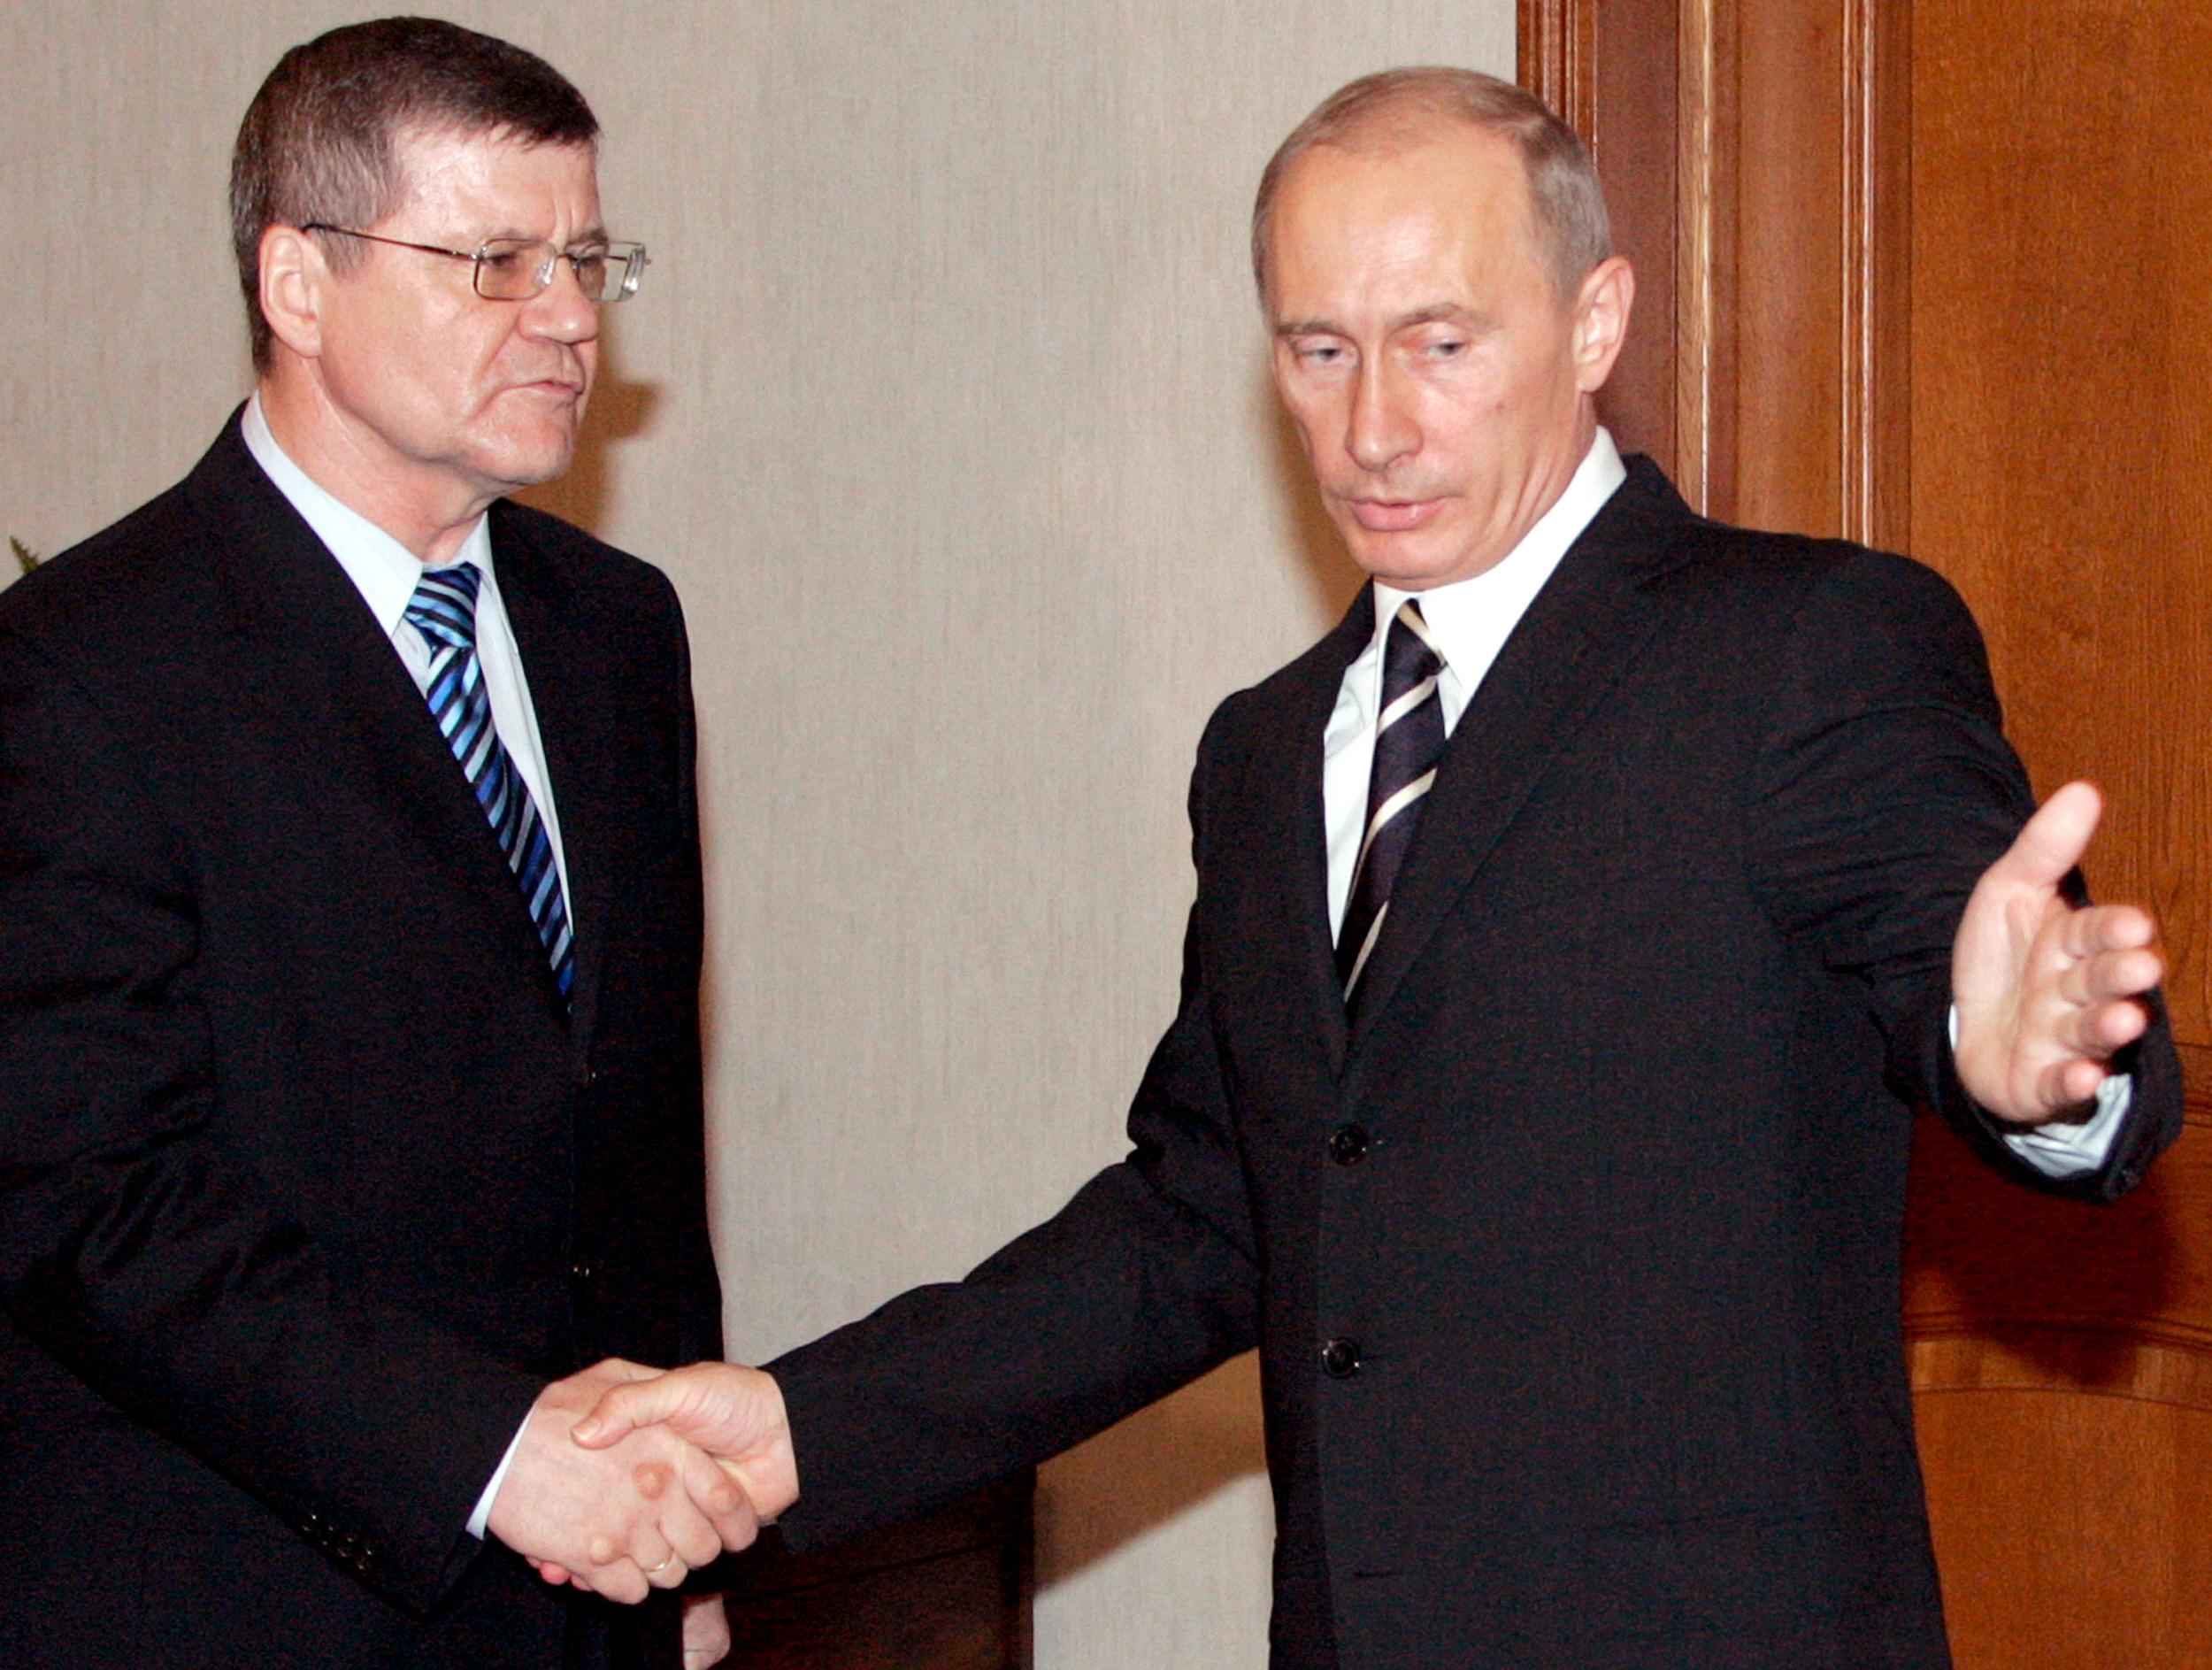 Hiába a fia korrupciós és szervezett bűnözi botránya, újraválasztották a legfőbb ügyészt Oroszországban